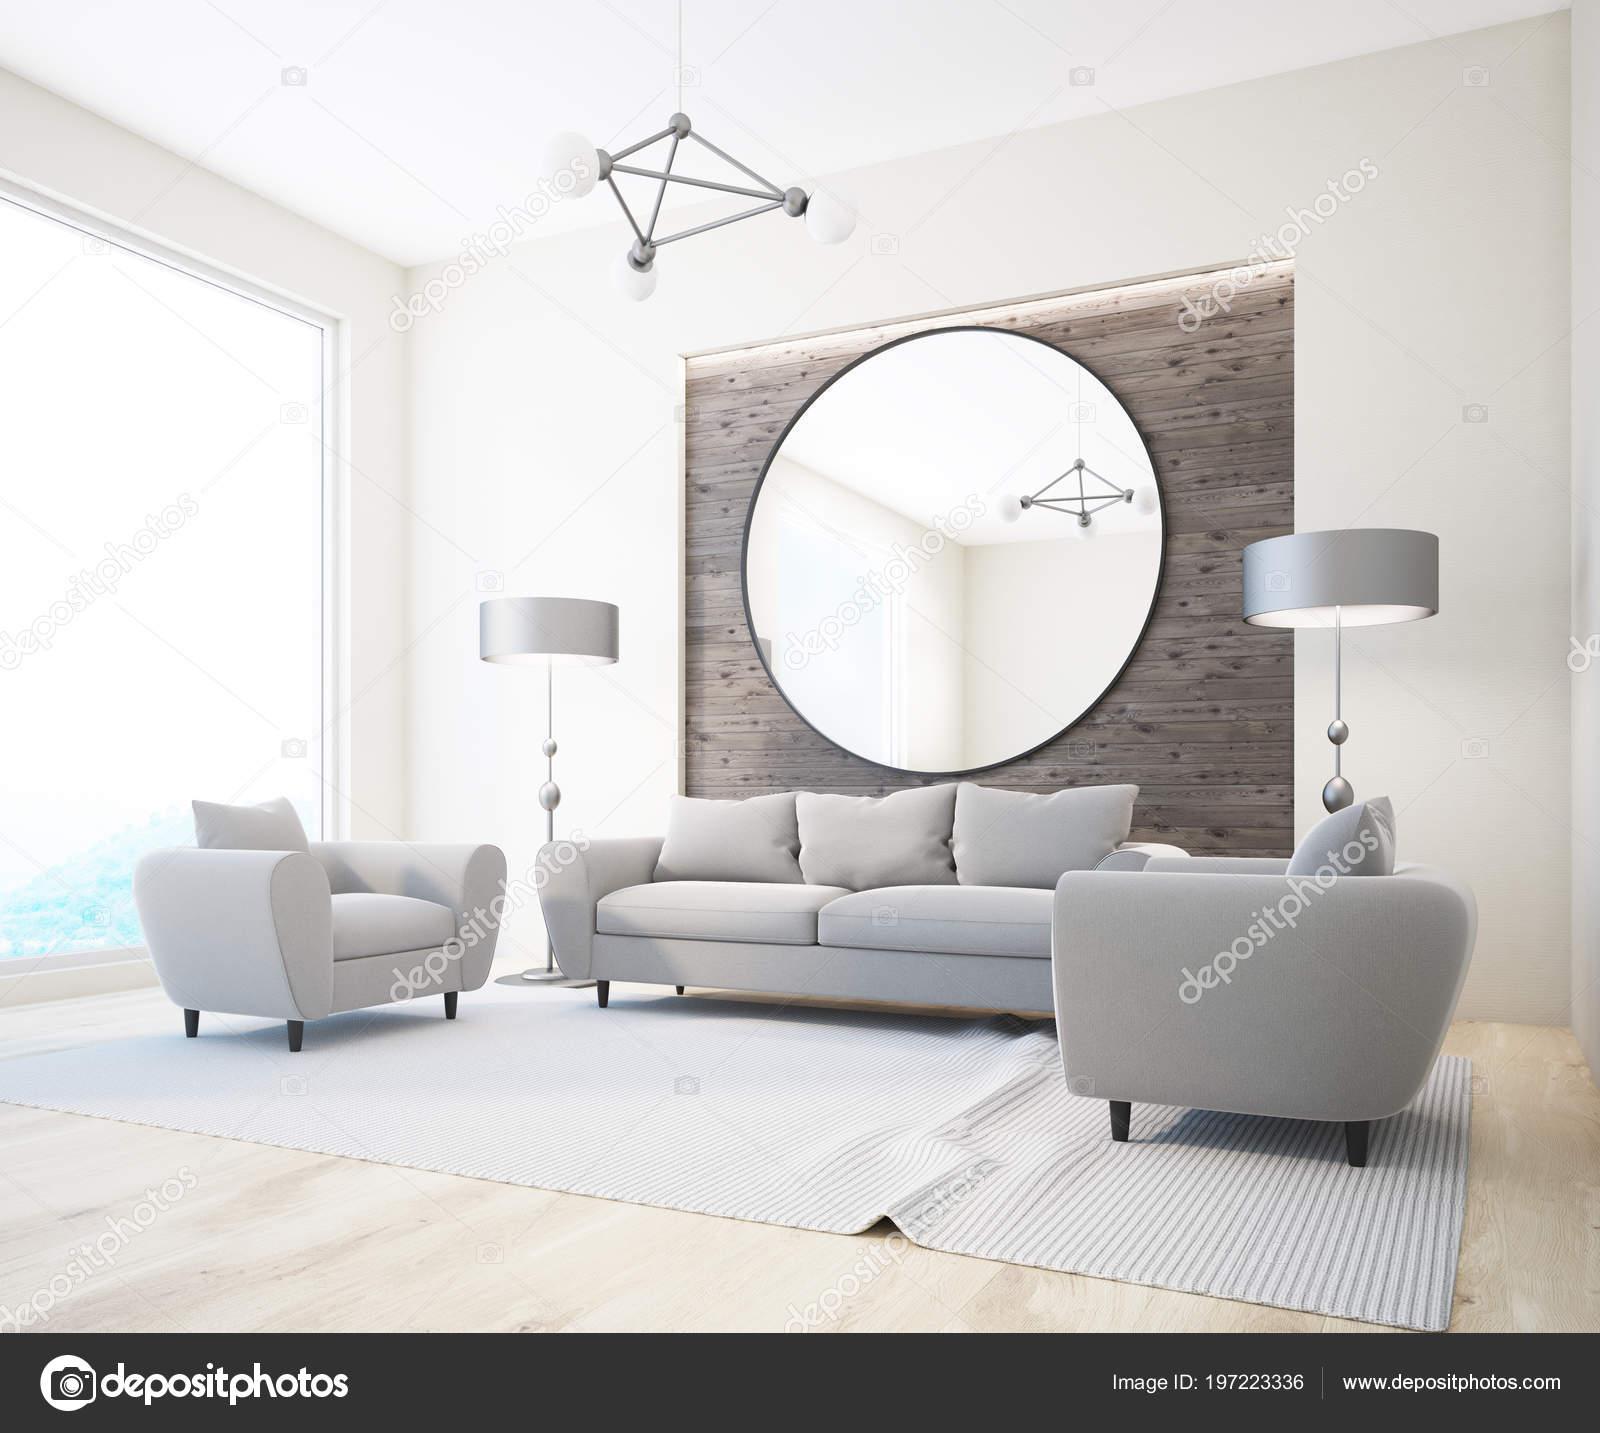 luxe gris canapés fauteuils debout dans intérieur salon style